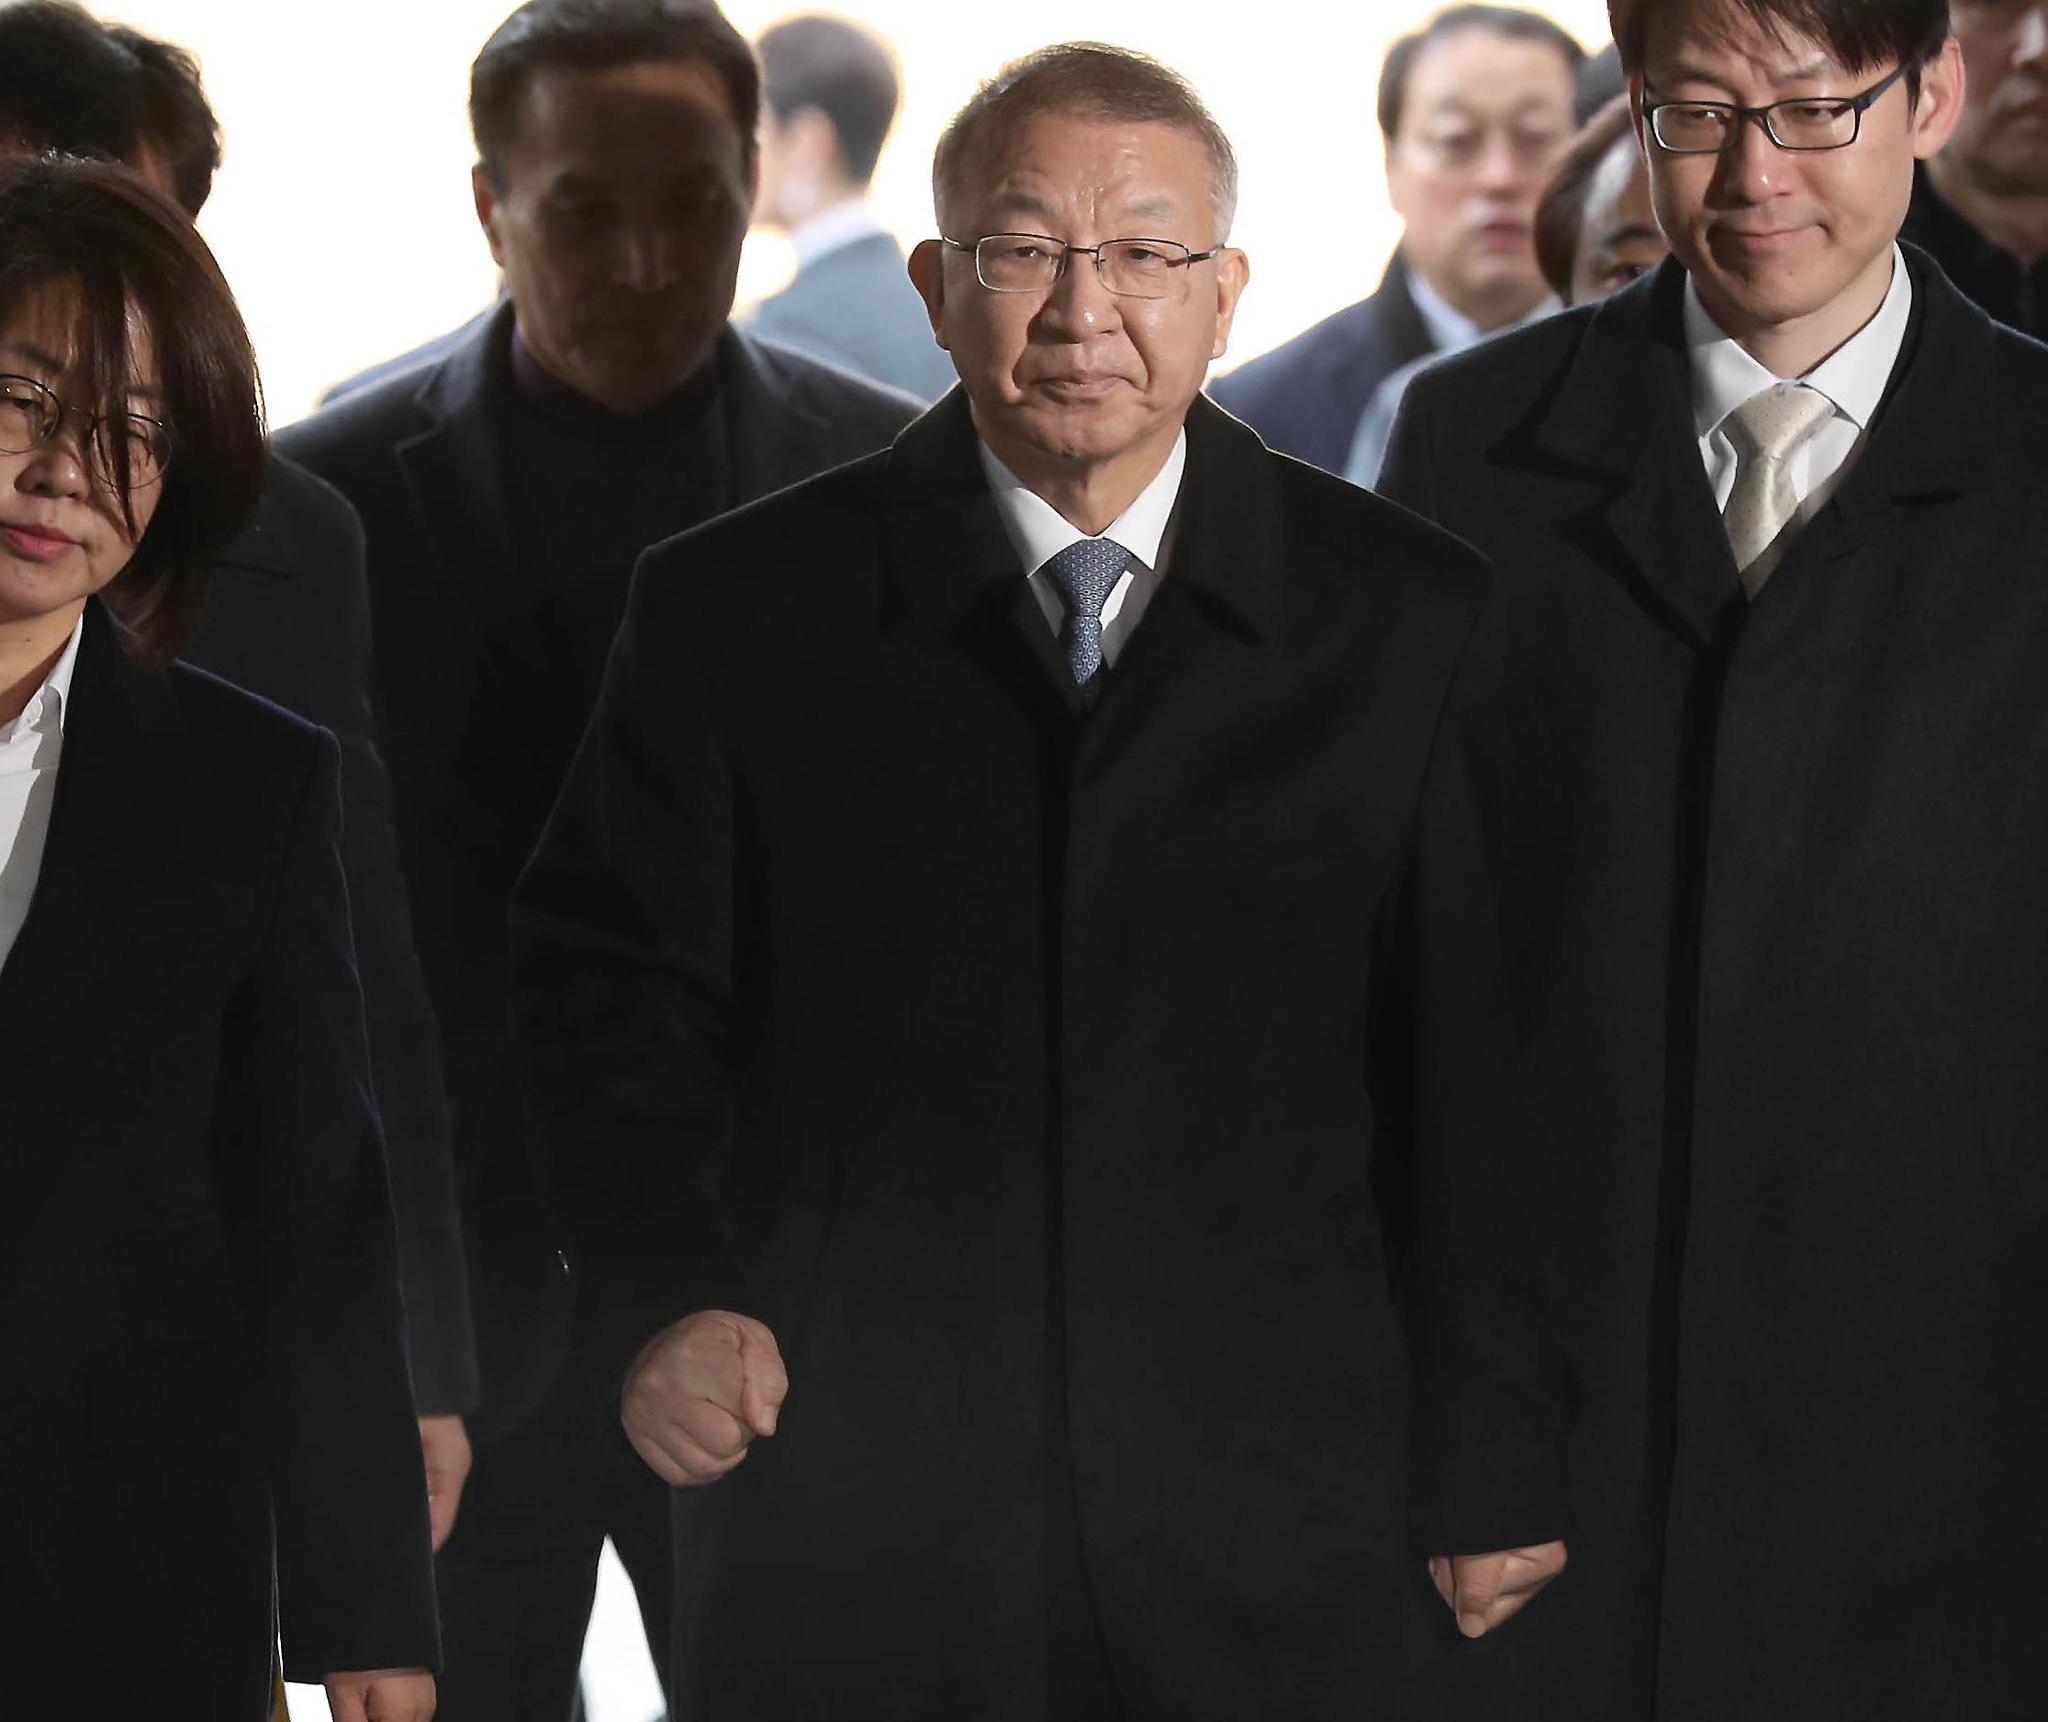 양승태 전 대법원장이 주먹을 불끈 쥐고 23일 오전 서울중앙지법으로 들어오고 있다. 최승식 기자